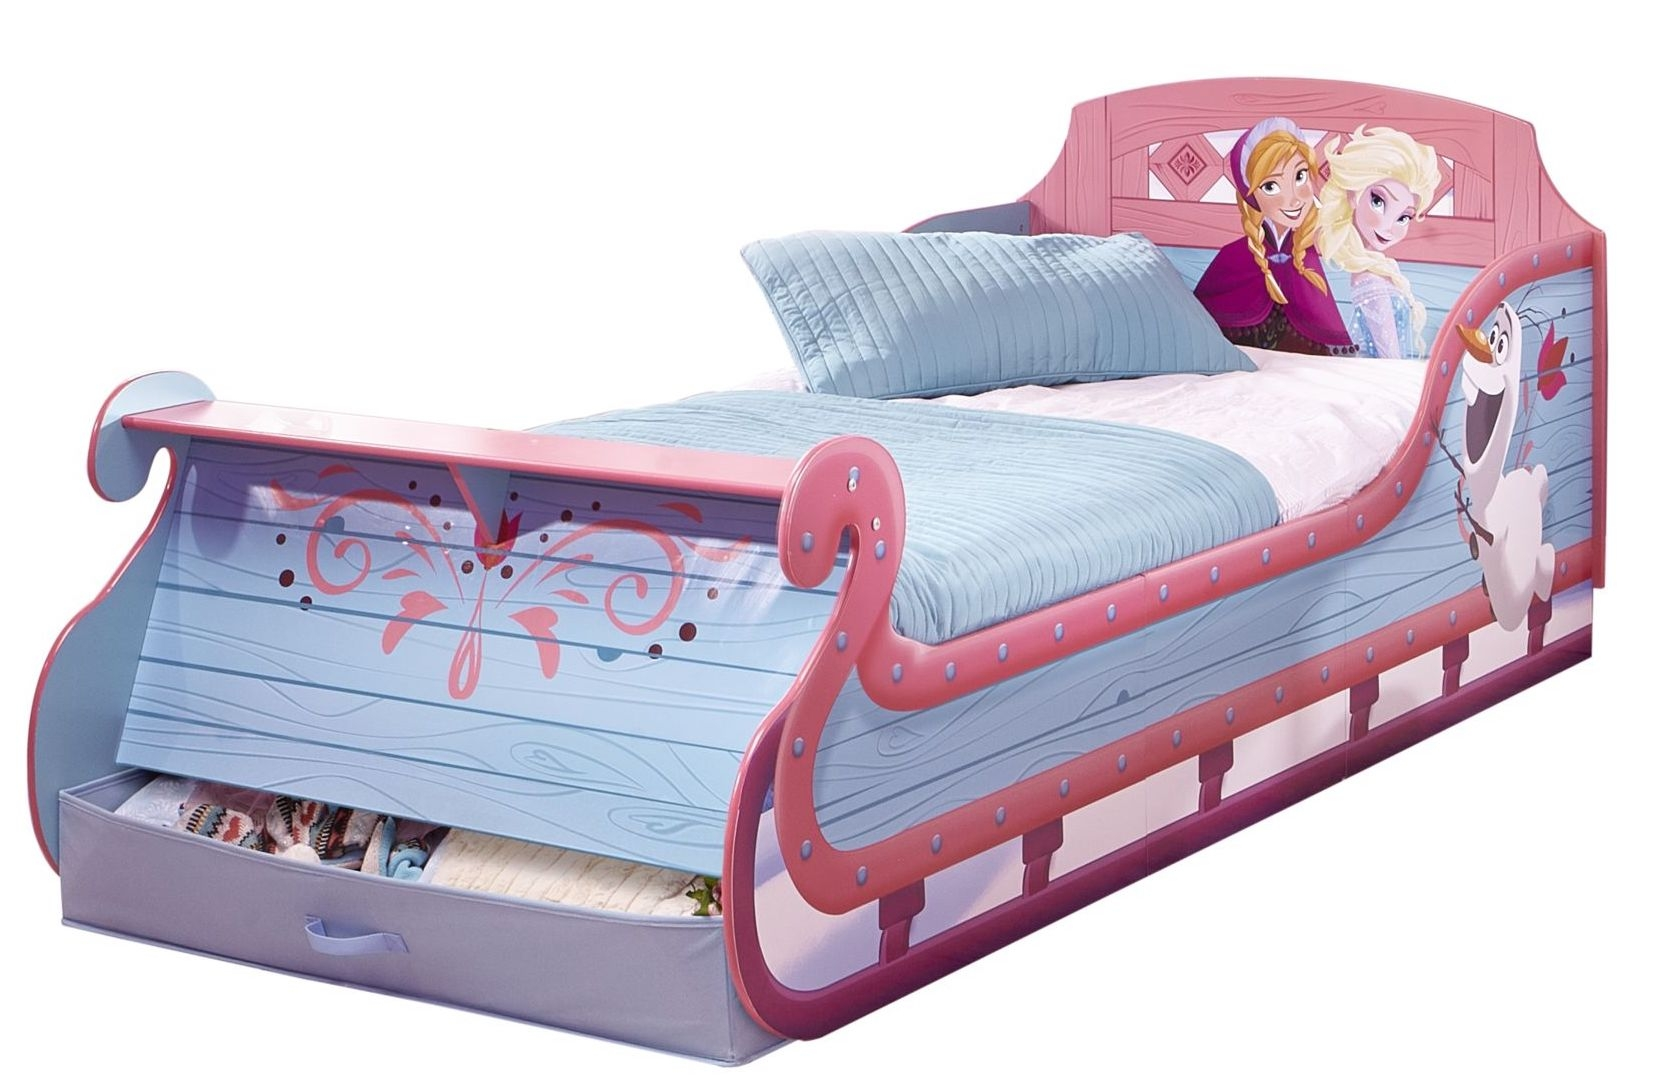 lit reine des neiges 90x190 cm. Black Bedroom Furniture Sets. Home Design Ideas